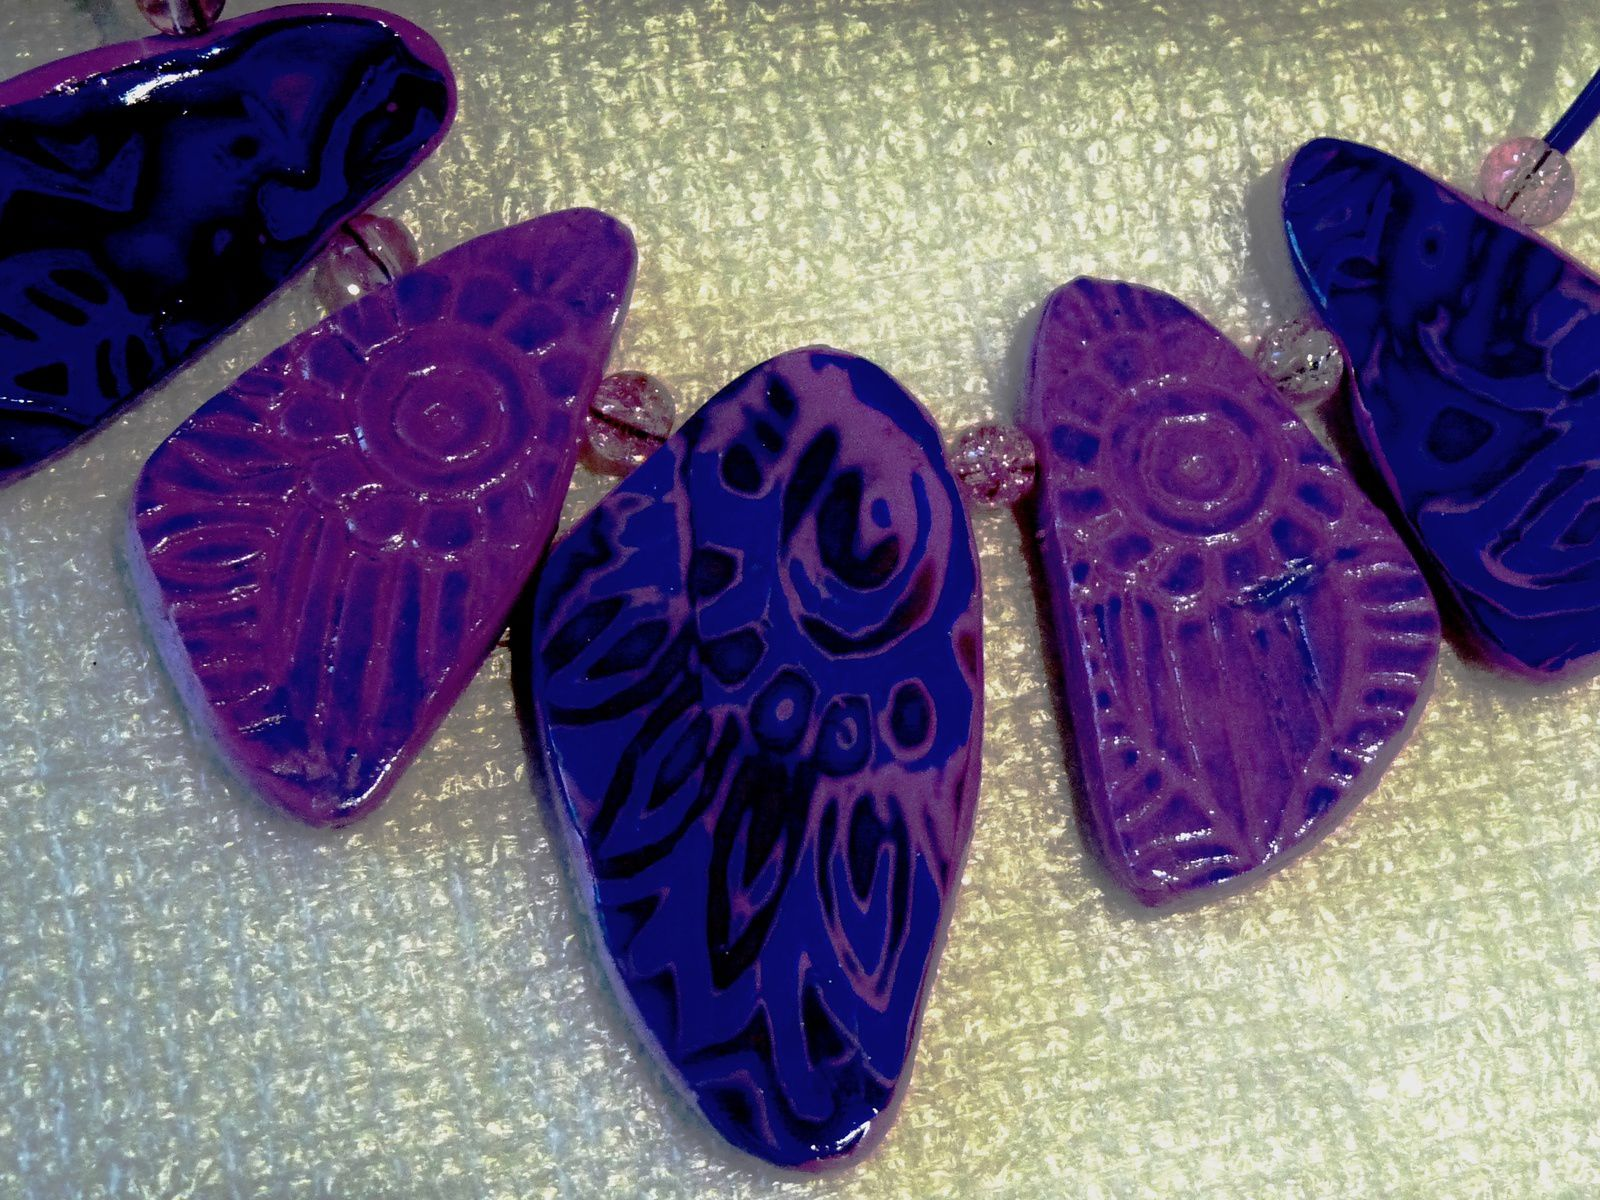 Un collier ras de cou de plaques en mokumé pour les unes et structures patinées au pastel pour le s autres et la paire de boucles d'oreille assorties     15€ le collier   5€ les BO